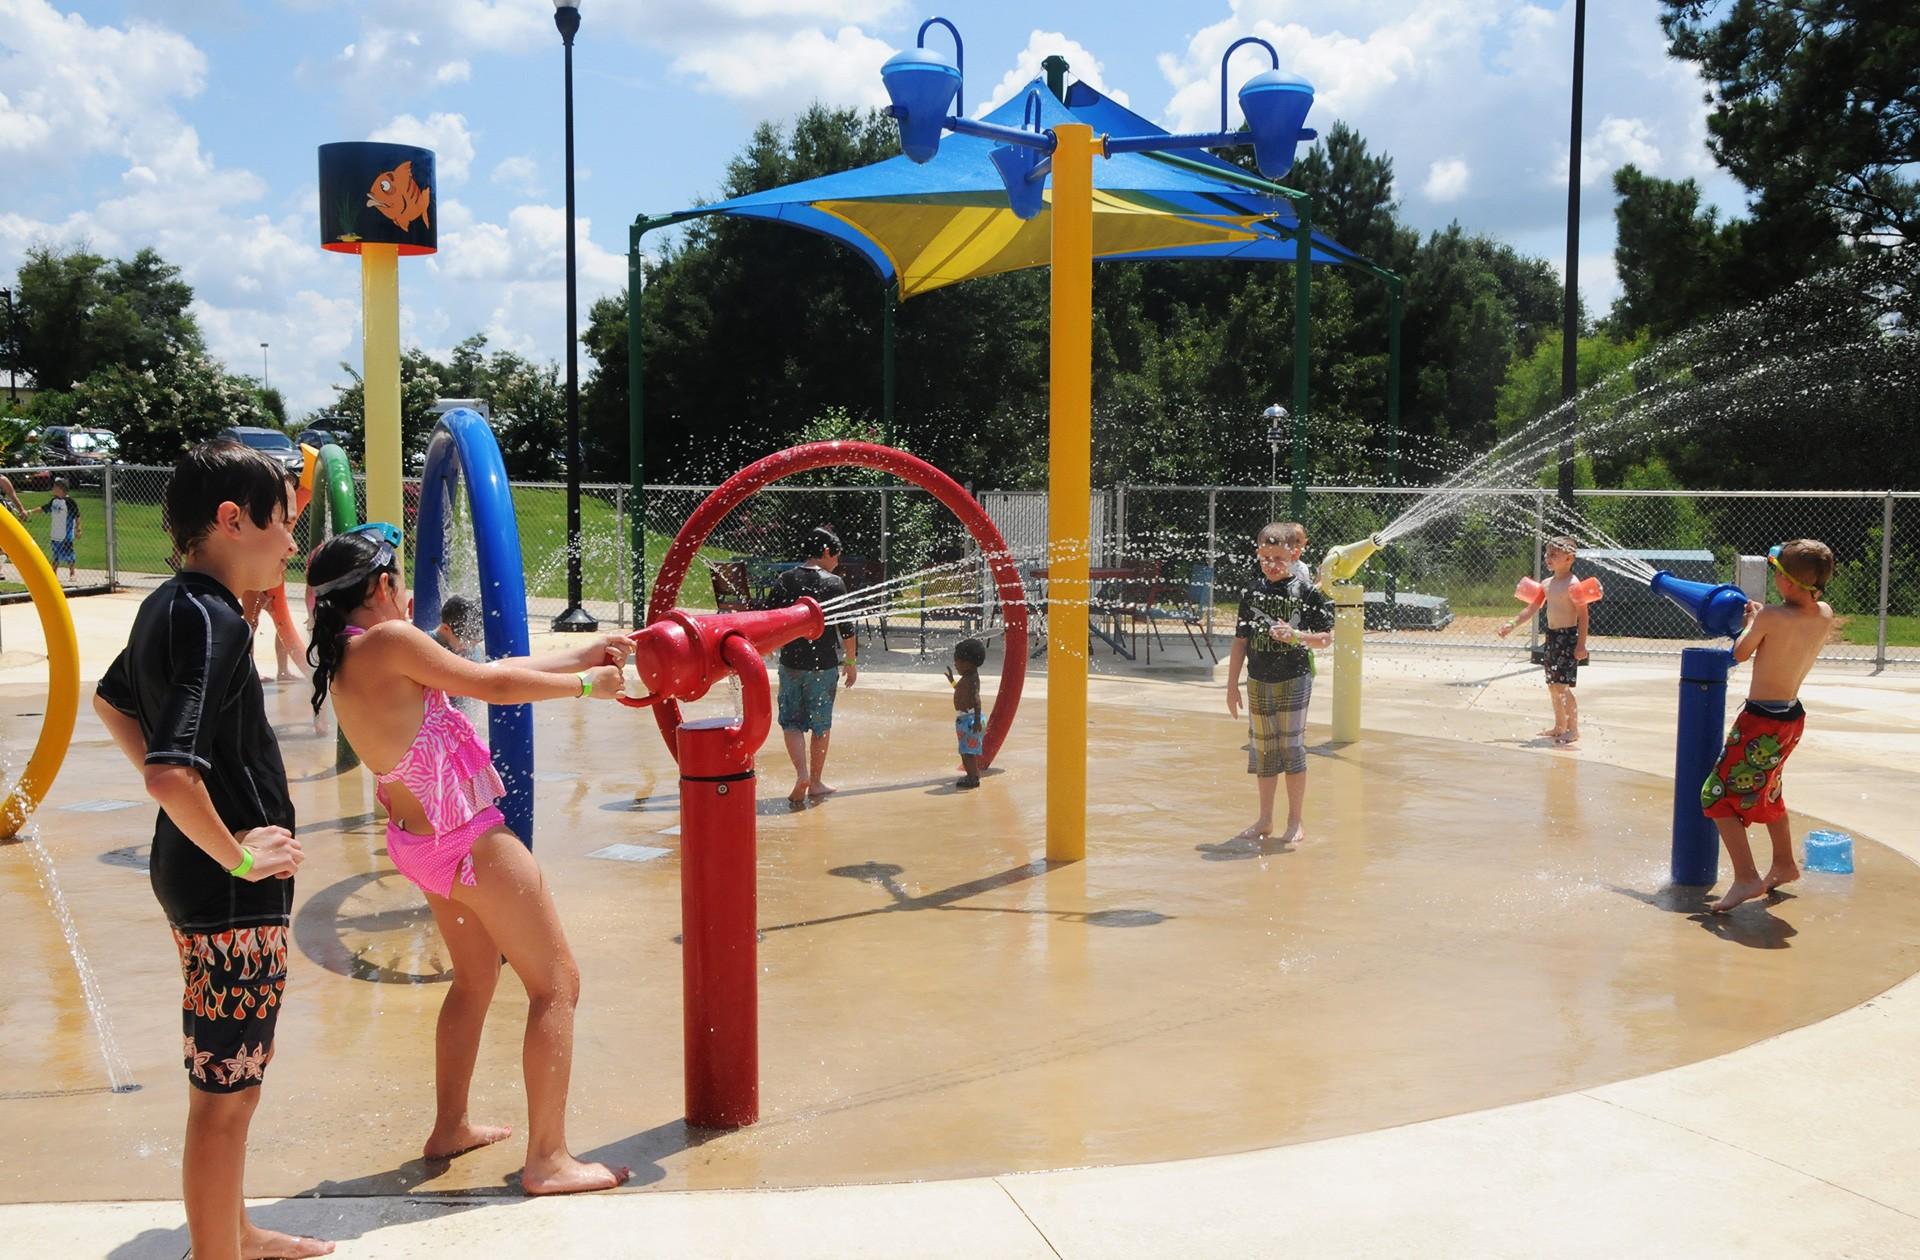 Splash into summer lake water park pools offer ample for Splash pool show quebec